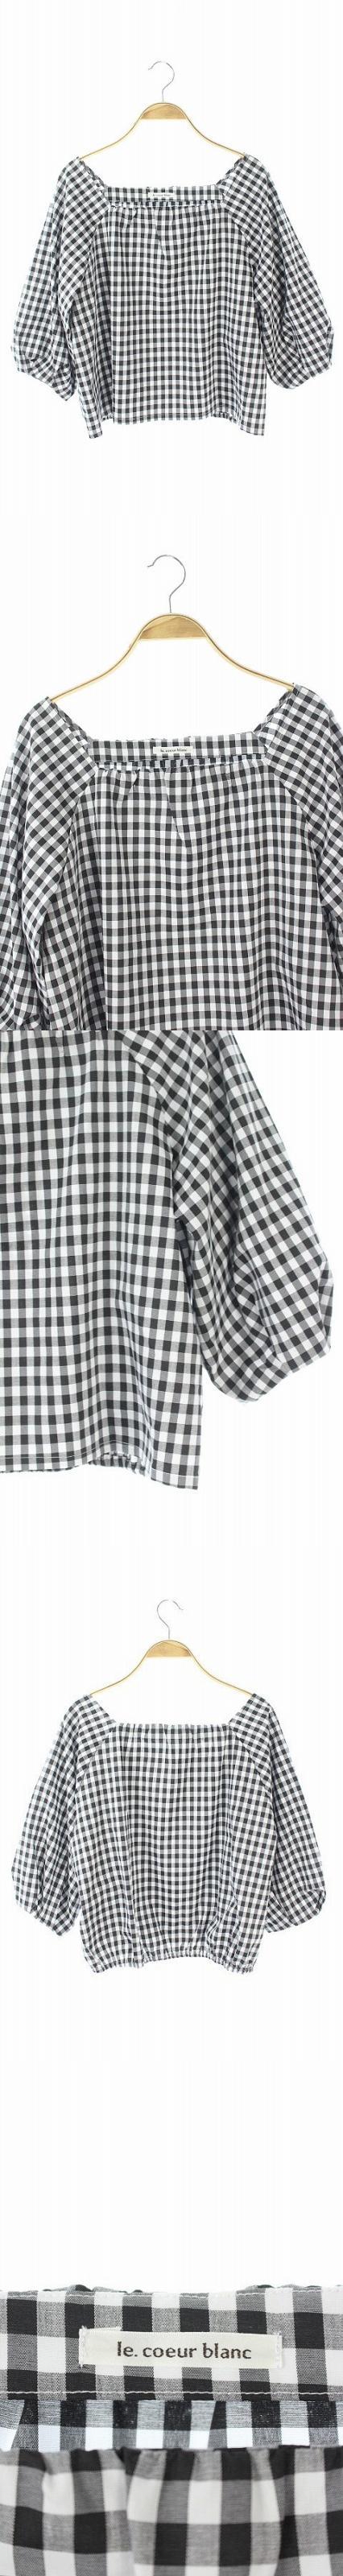 ブラウス プルオーバー 五分袖 ギンガムチェック 38 白 黒 /HH ■OS